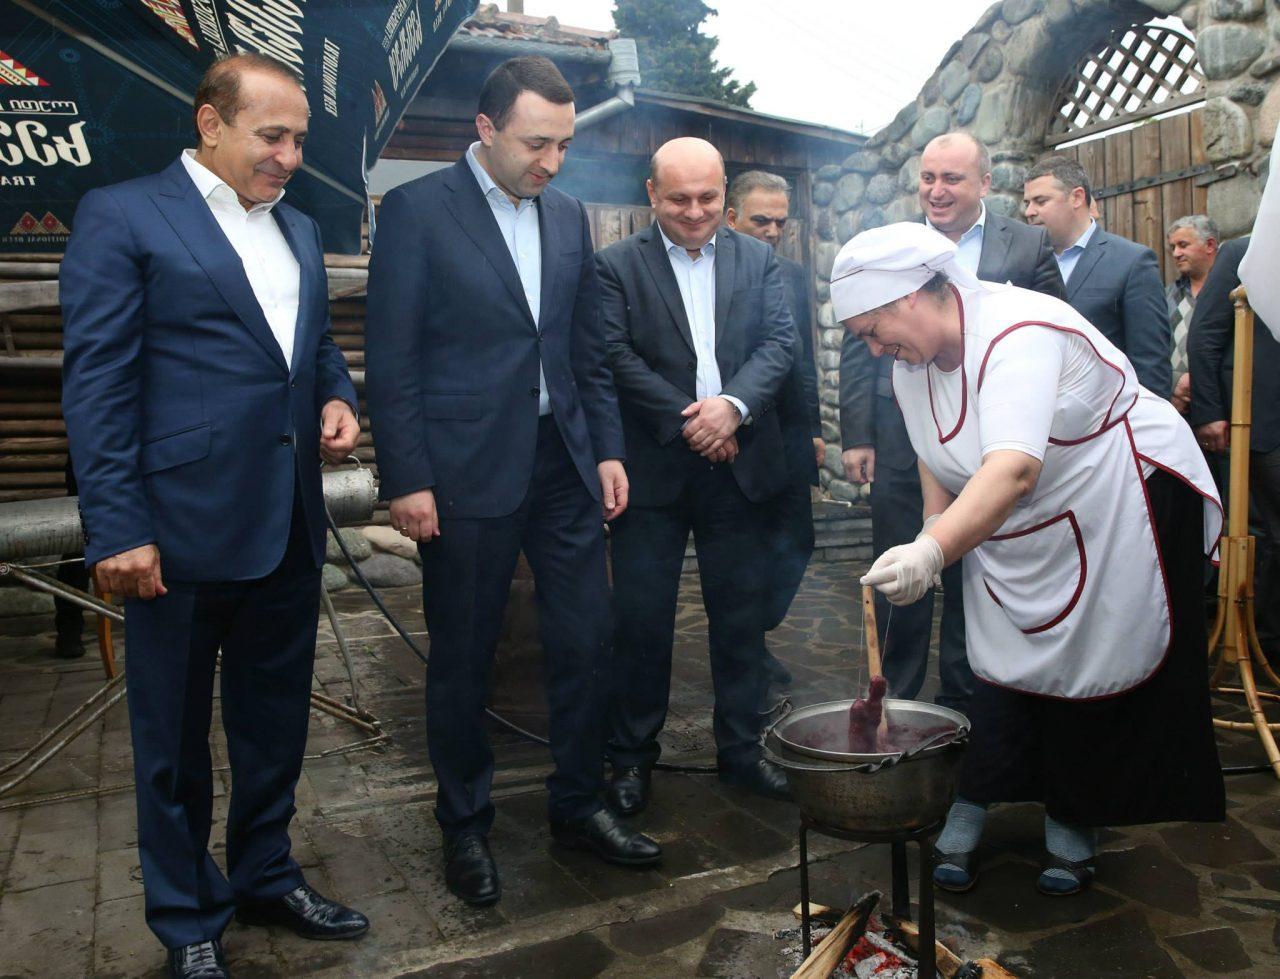 Հովիկ Աբրահամյանն աշխատանքային հանդիպում է ունեցել Վրաստանի վարչապետի հետ